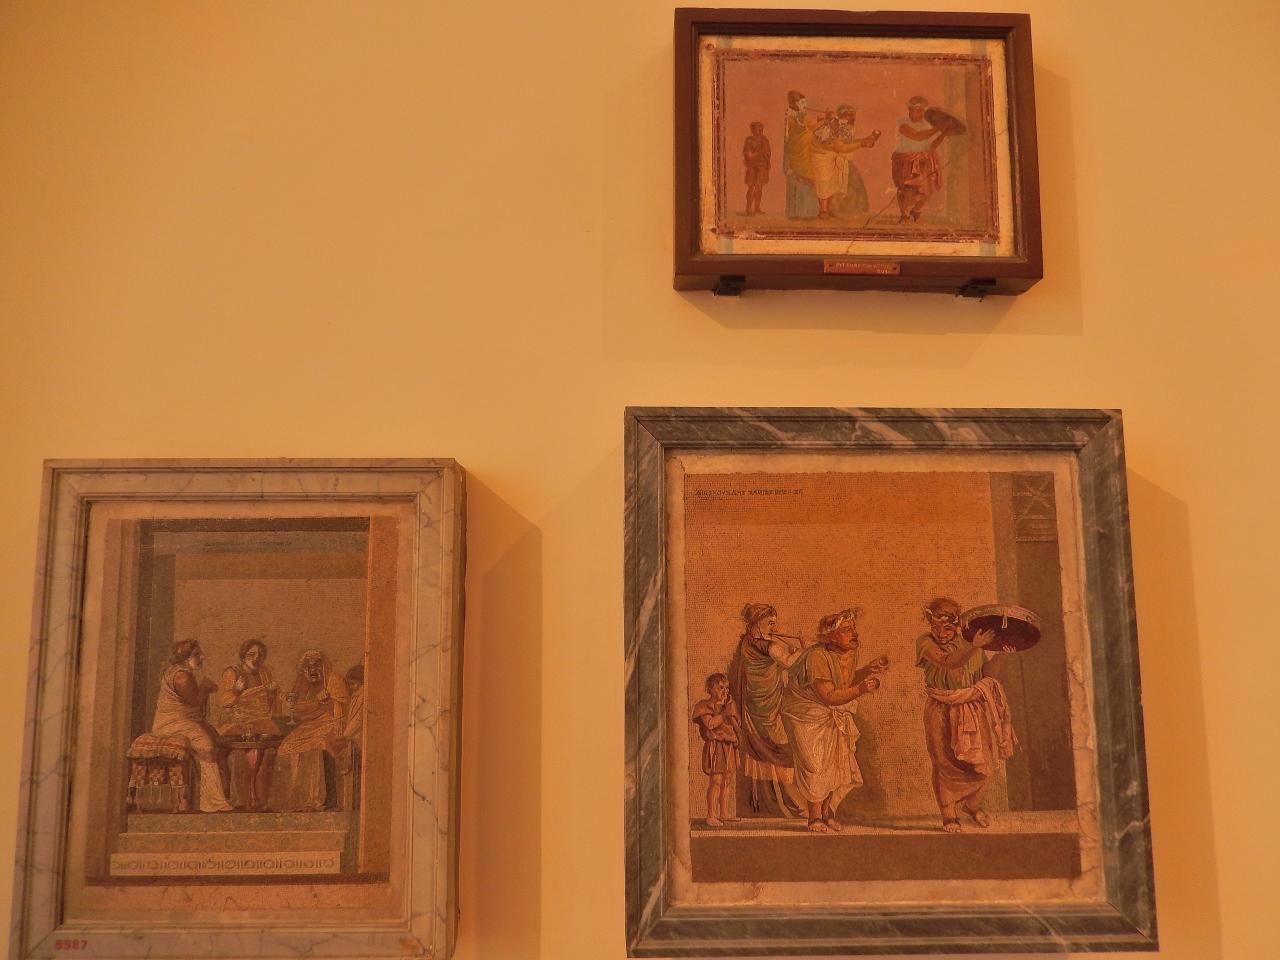 イタリア あっちも! こっちも! と欲張りなたび その36 ナポリ 国立考古学博物館2